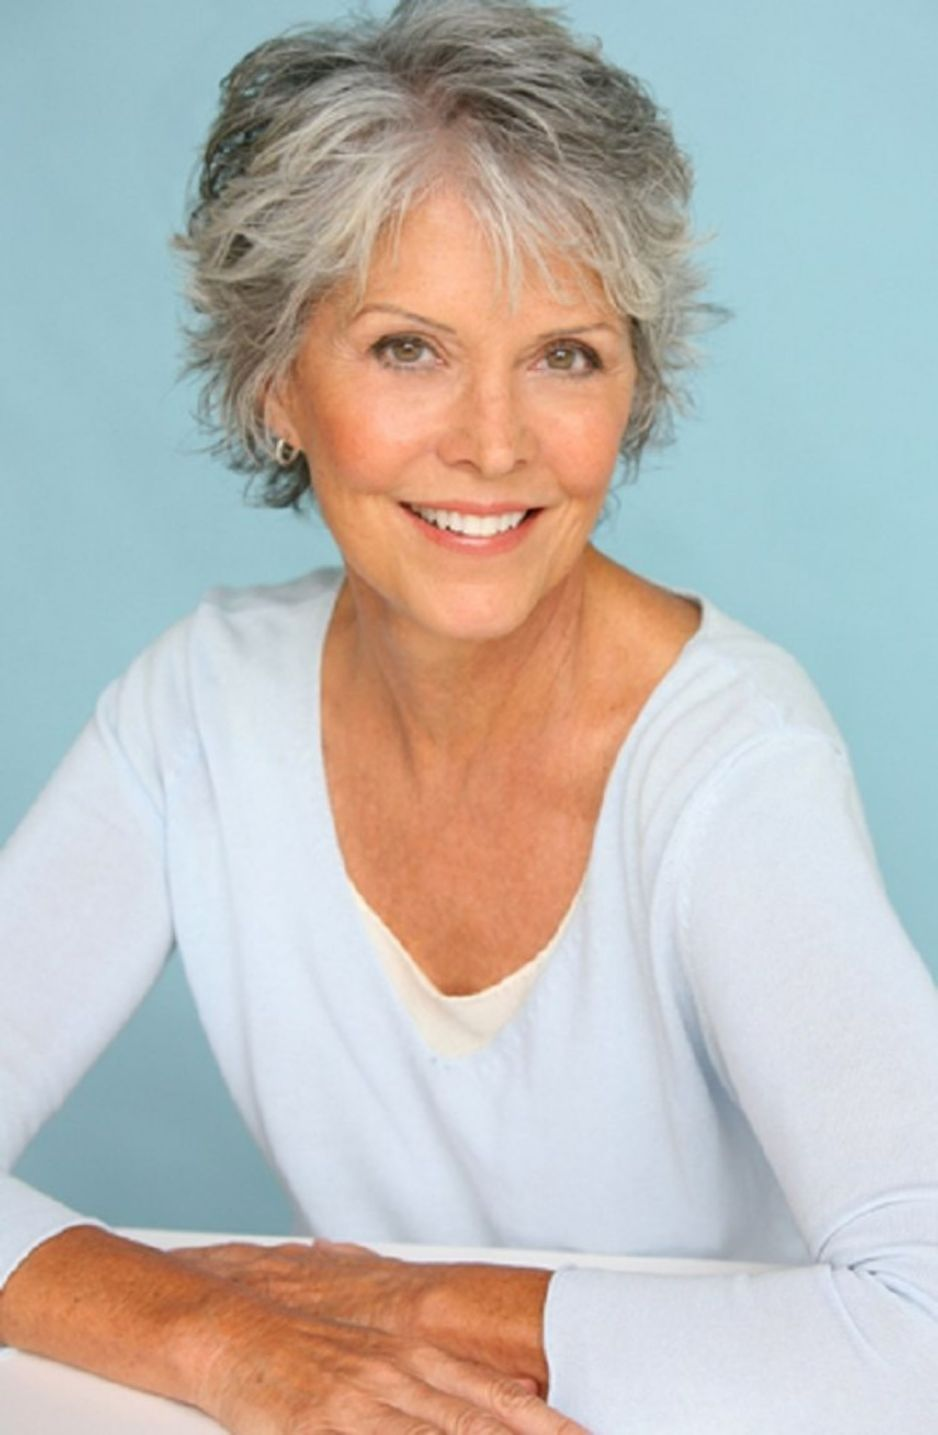 60 Gorgeous Gray Hair Styles Gorgeous Gray Hair Older Woman Grey Hair Grey Hair Styles For Women